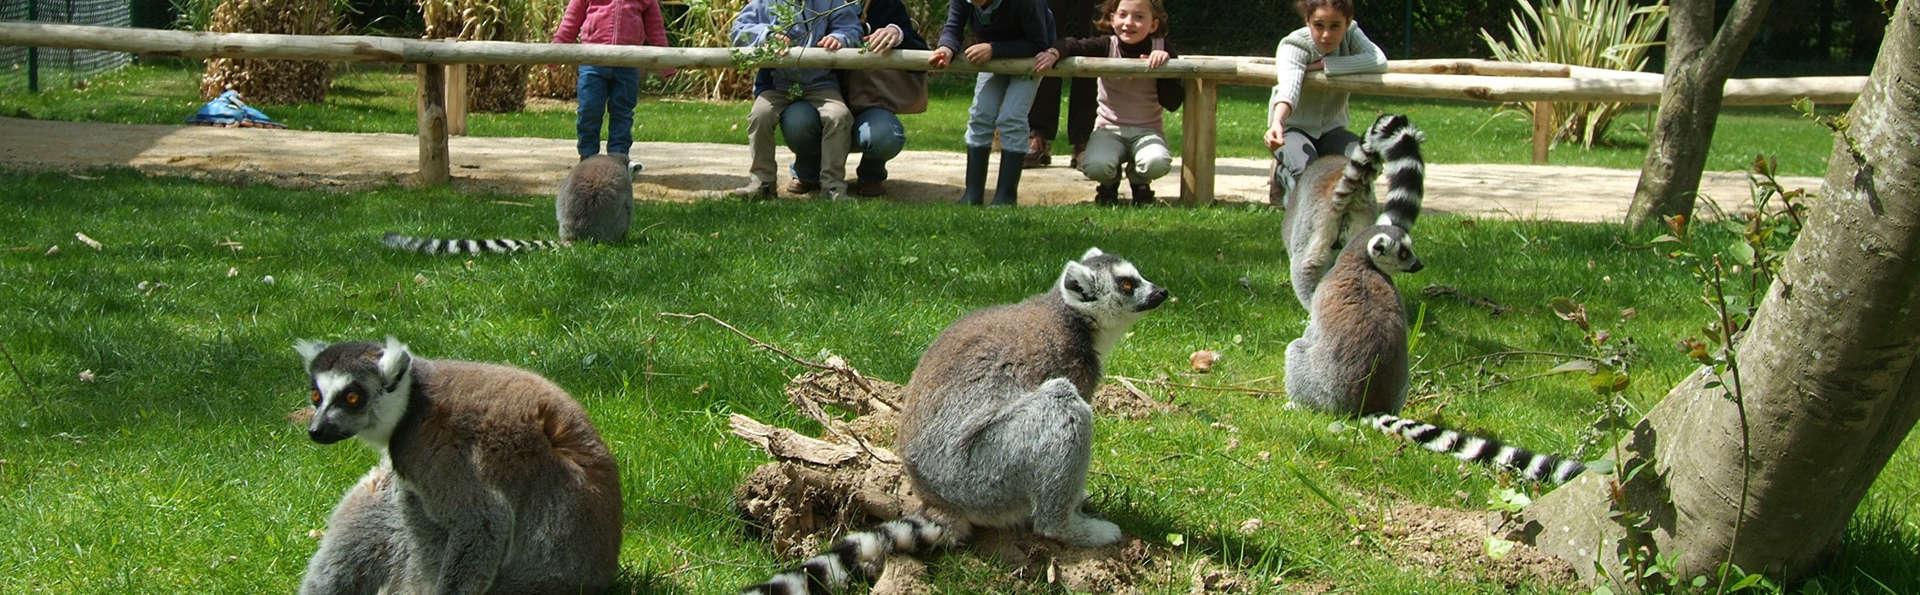 Séjour champêtre en famille et découverte du Zoo de la Bourbansais !